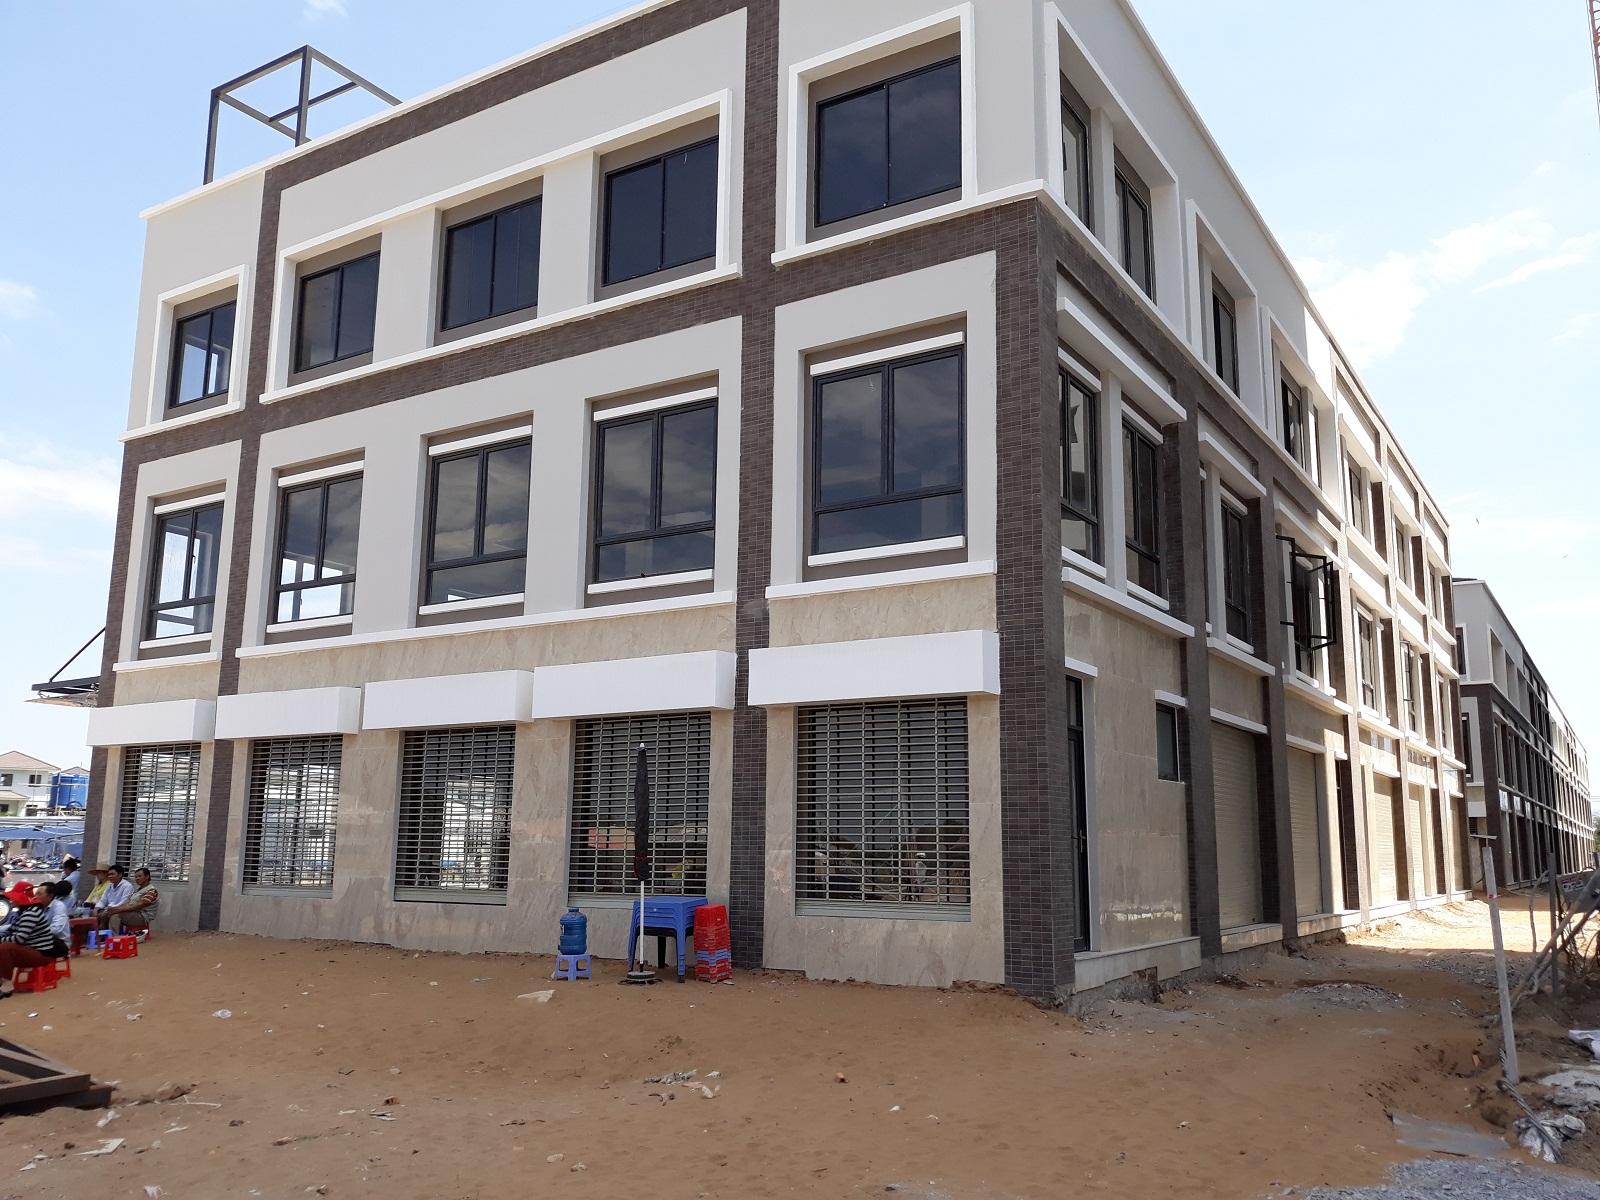 Thiết kế shophouse khá đẹp. CĐT Nam Long thiết kế 2 cửa cuốn phía trước và sau giúp khách hàng tiện cho việc cho thuê